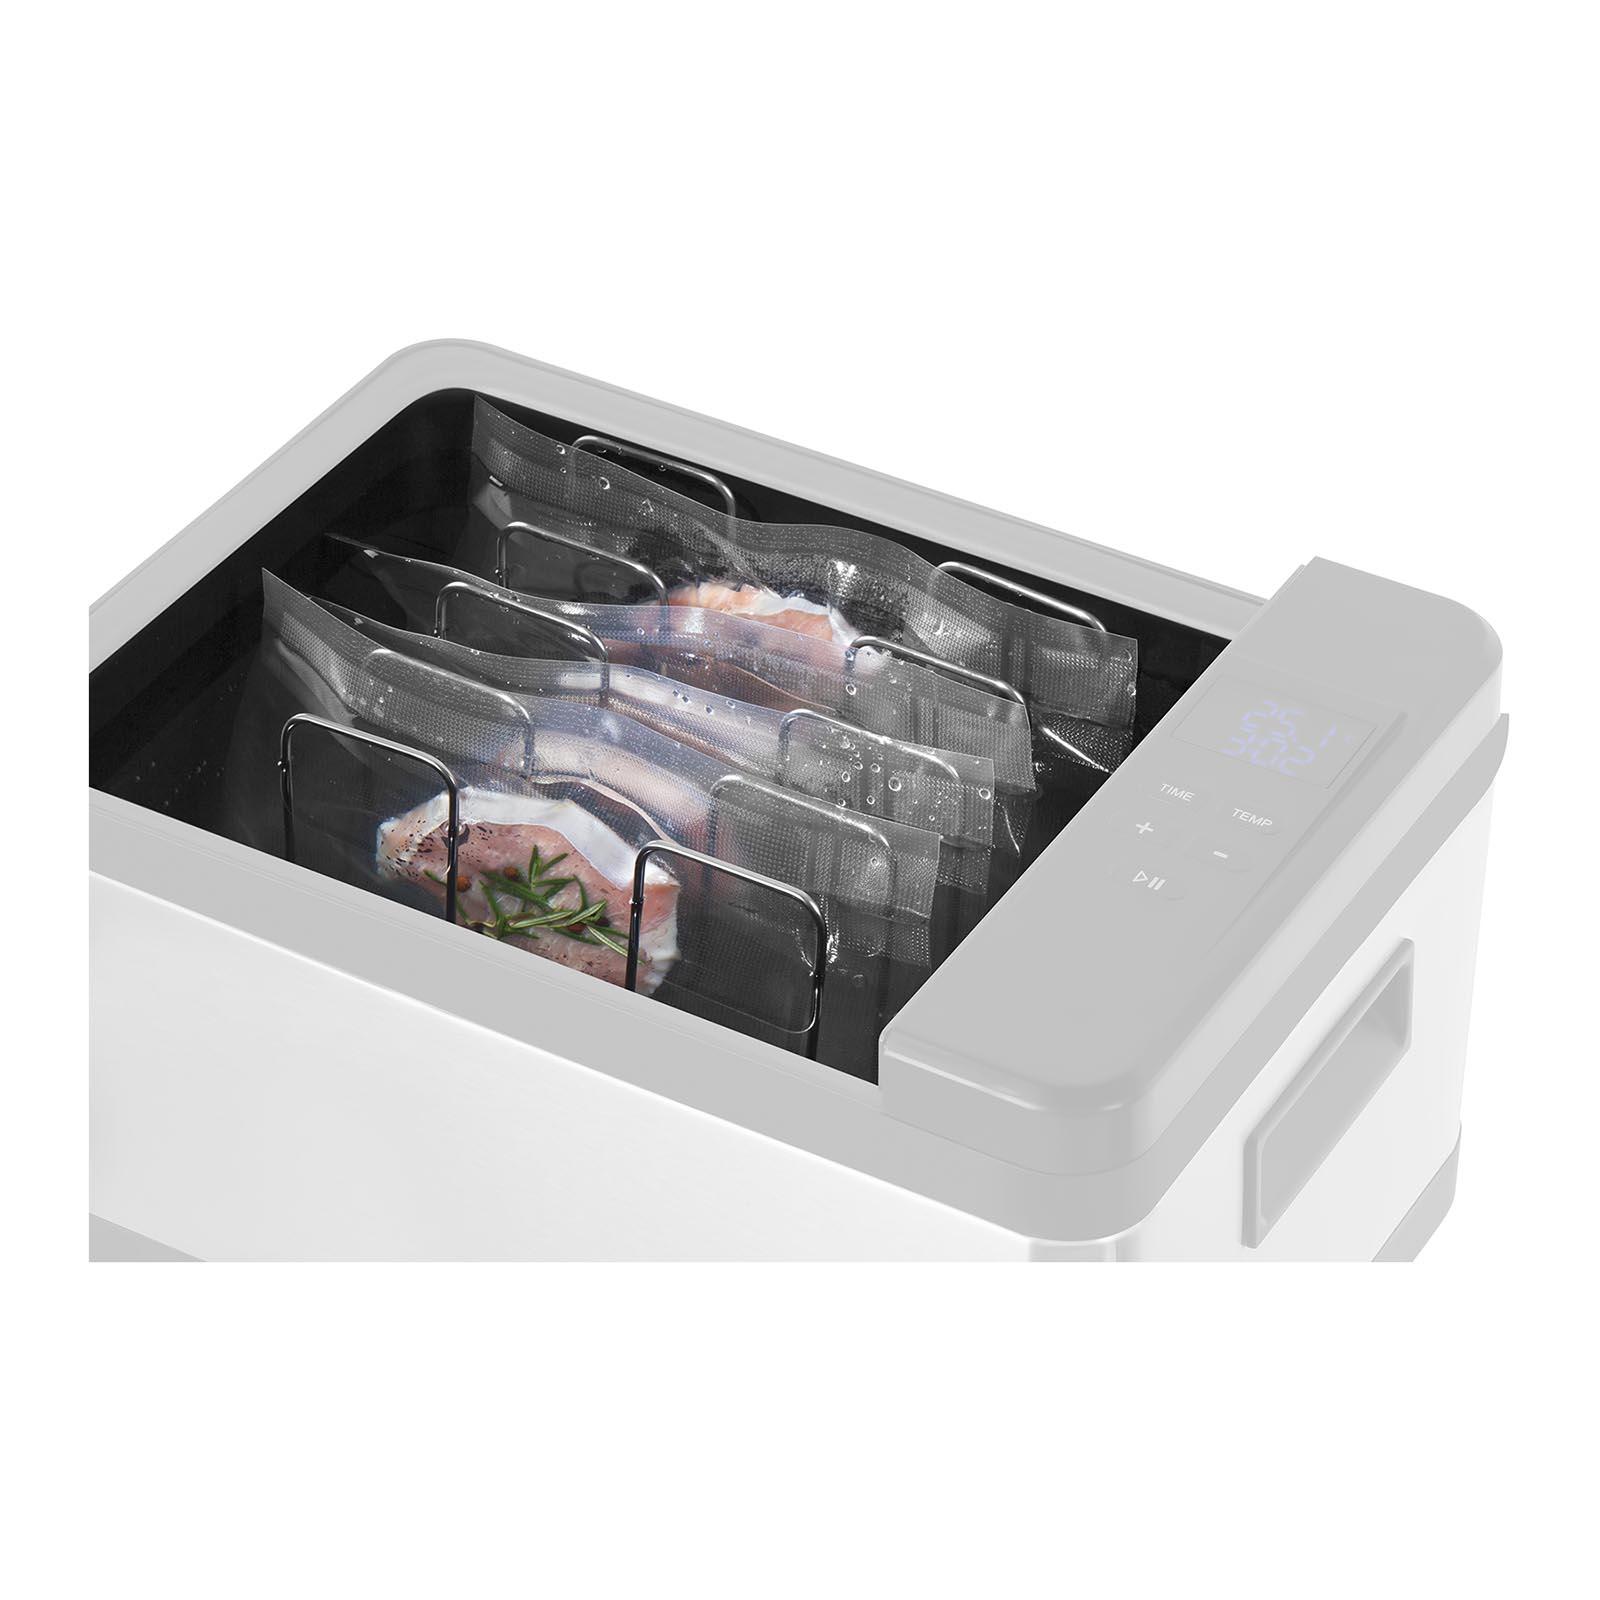 vakuumierbeutel aufbewahrungsbeutel vakuumfolie goffriert 40 x 30 cm 200 st ck ebay. Black Bedroom Furniture Sets. Home Design Ideas